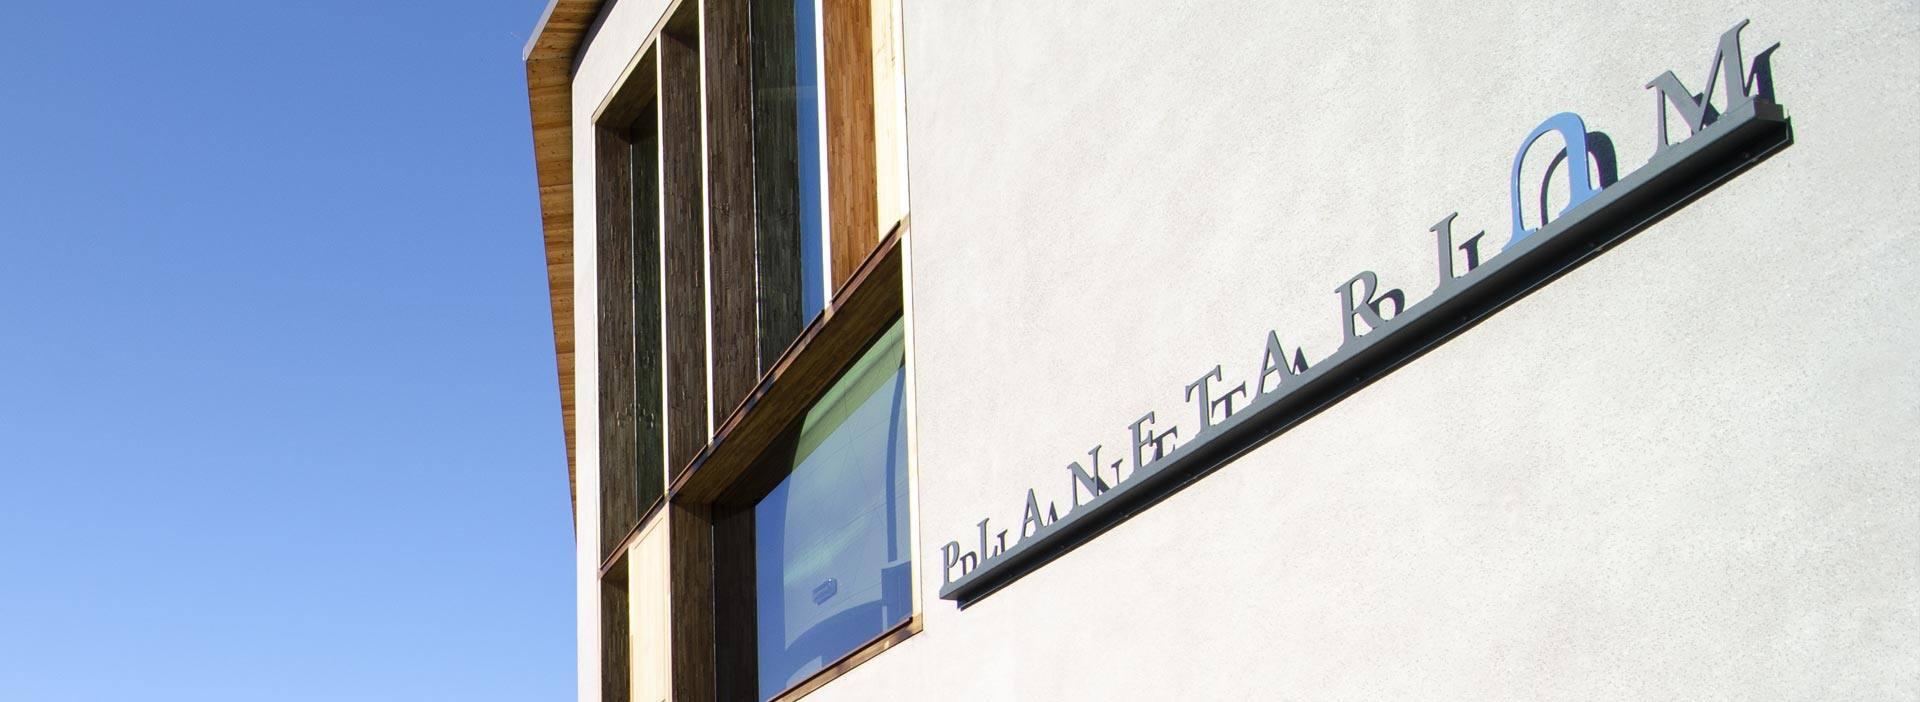 Planetarium - Alto Adige